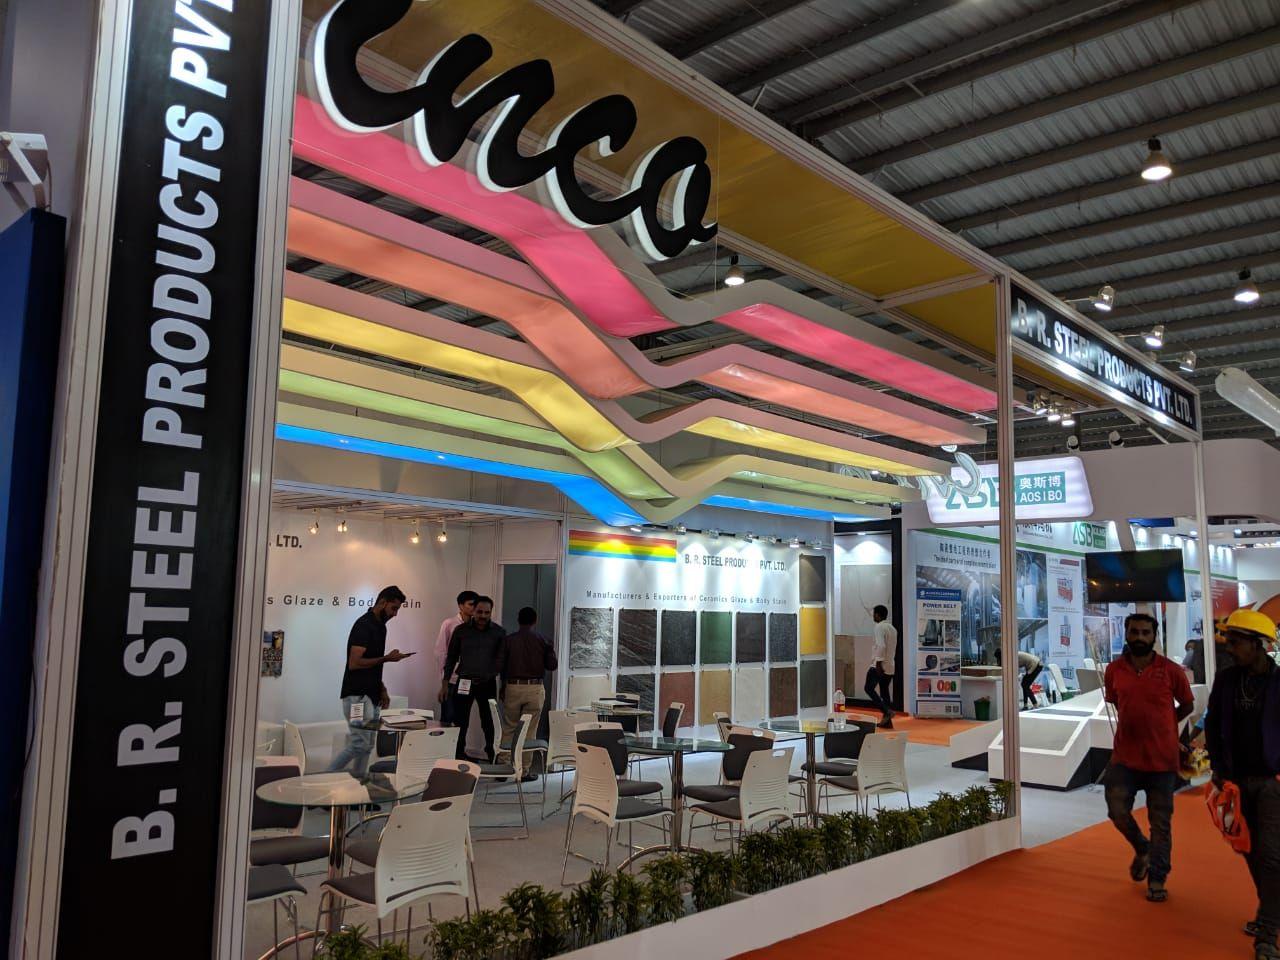 India Ceramic Asia 2019 | Asia 2019 in 2019 | Ceramics, Asia, India